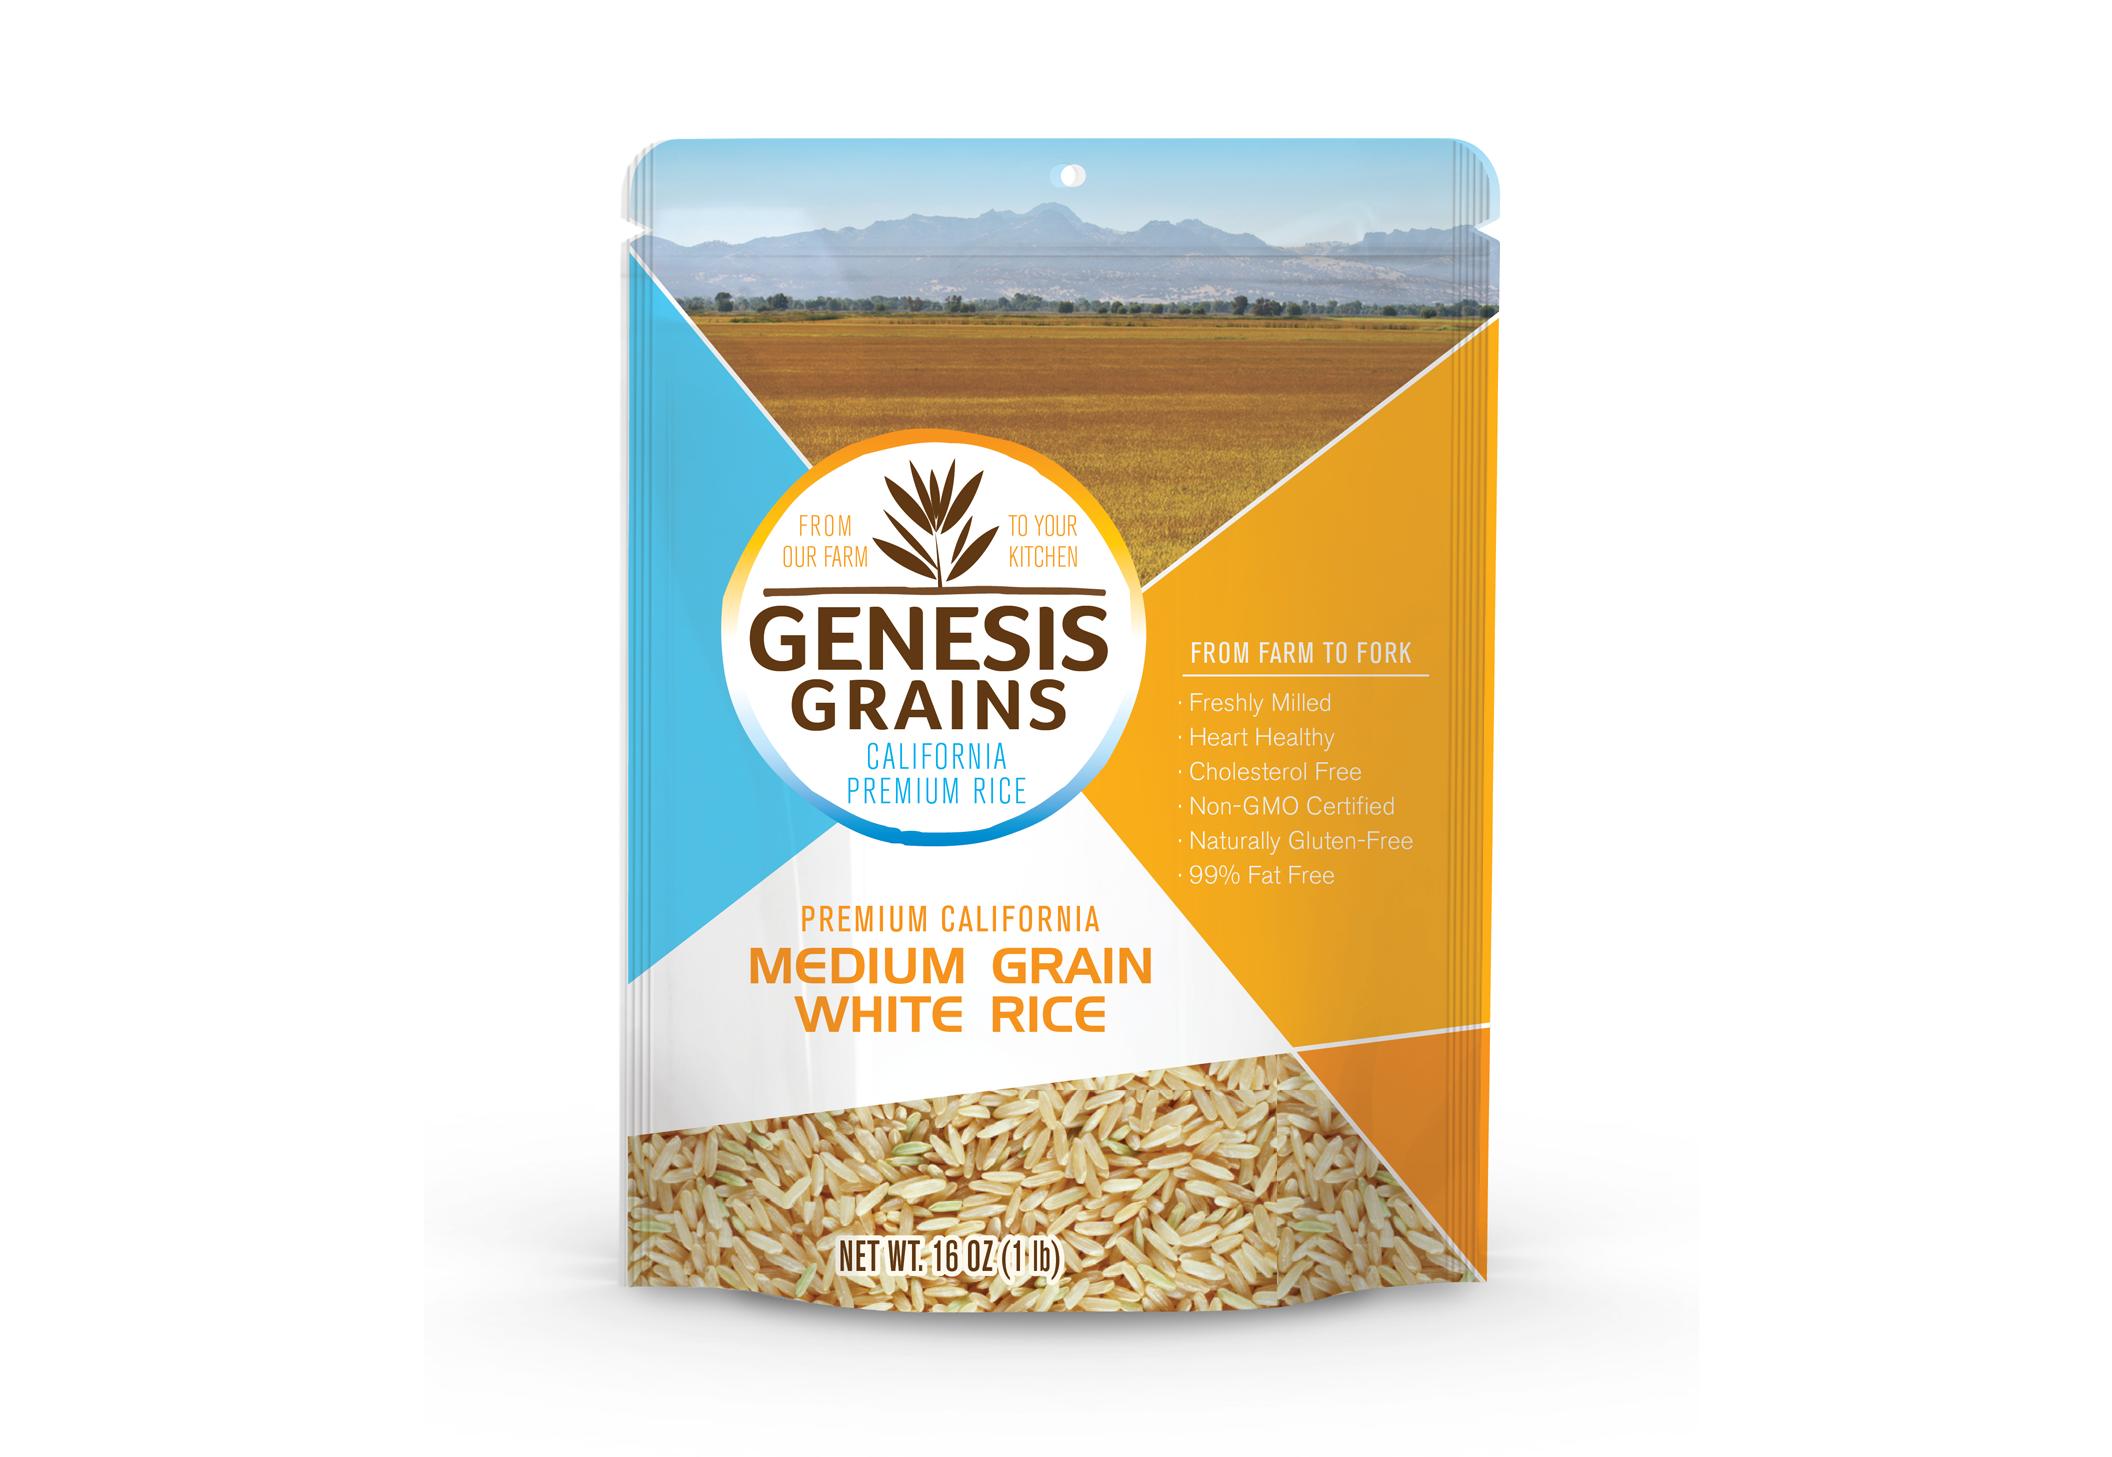 Genesis Grains Package Design